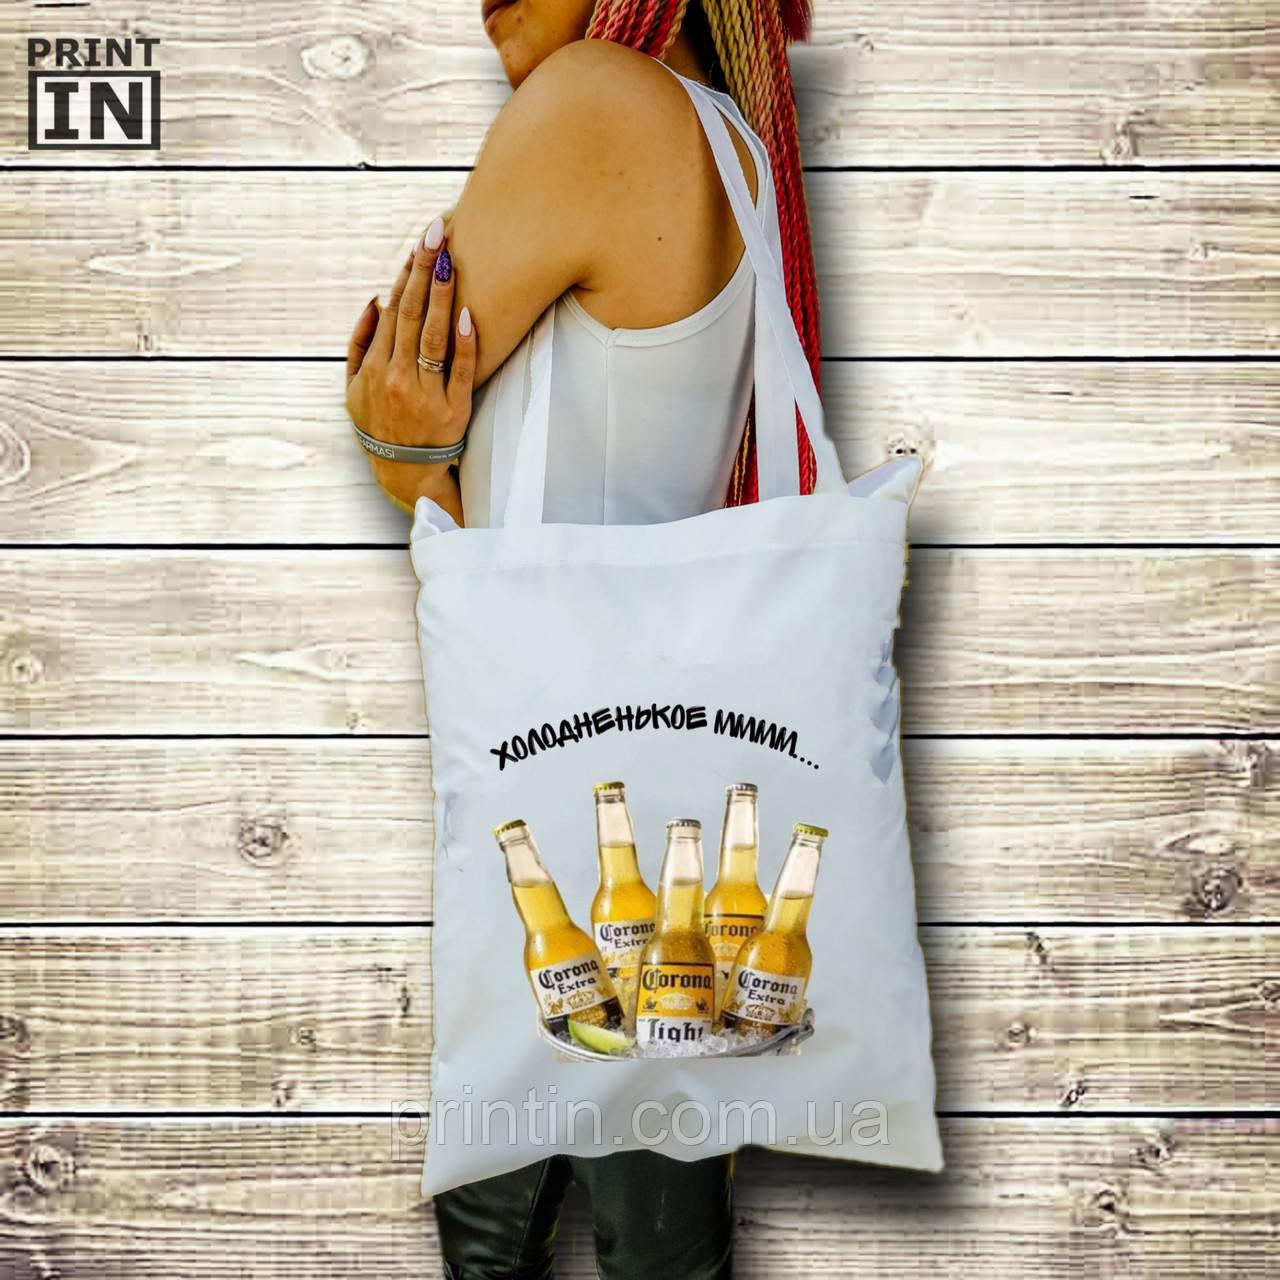 Печать на сумке промо/пляжной белой